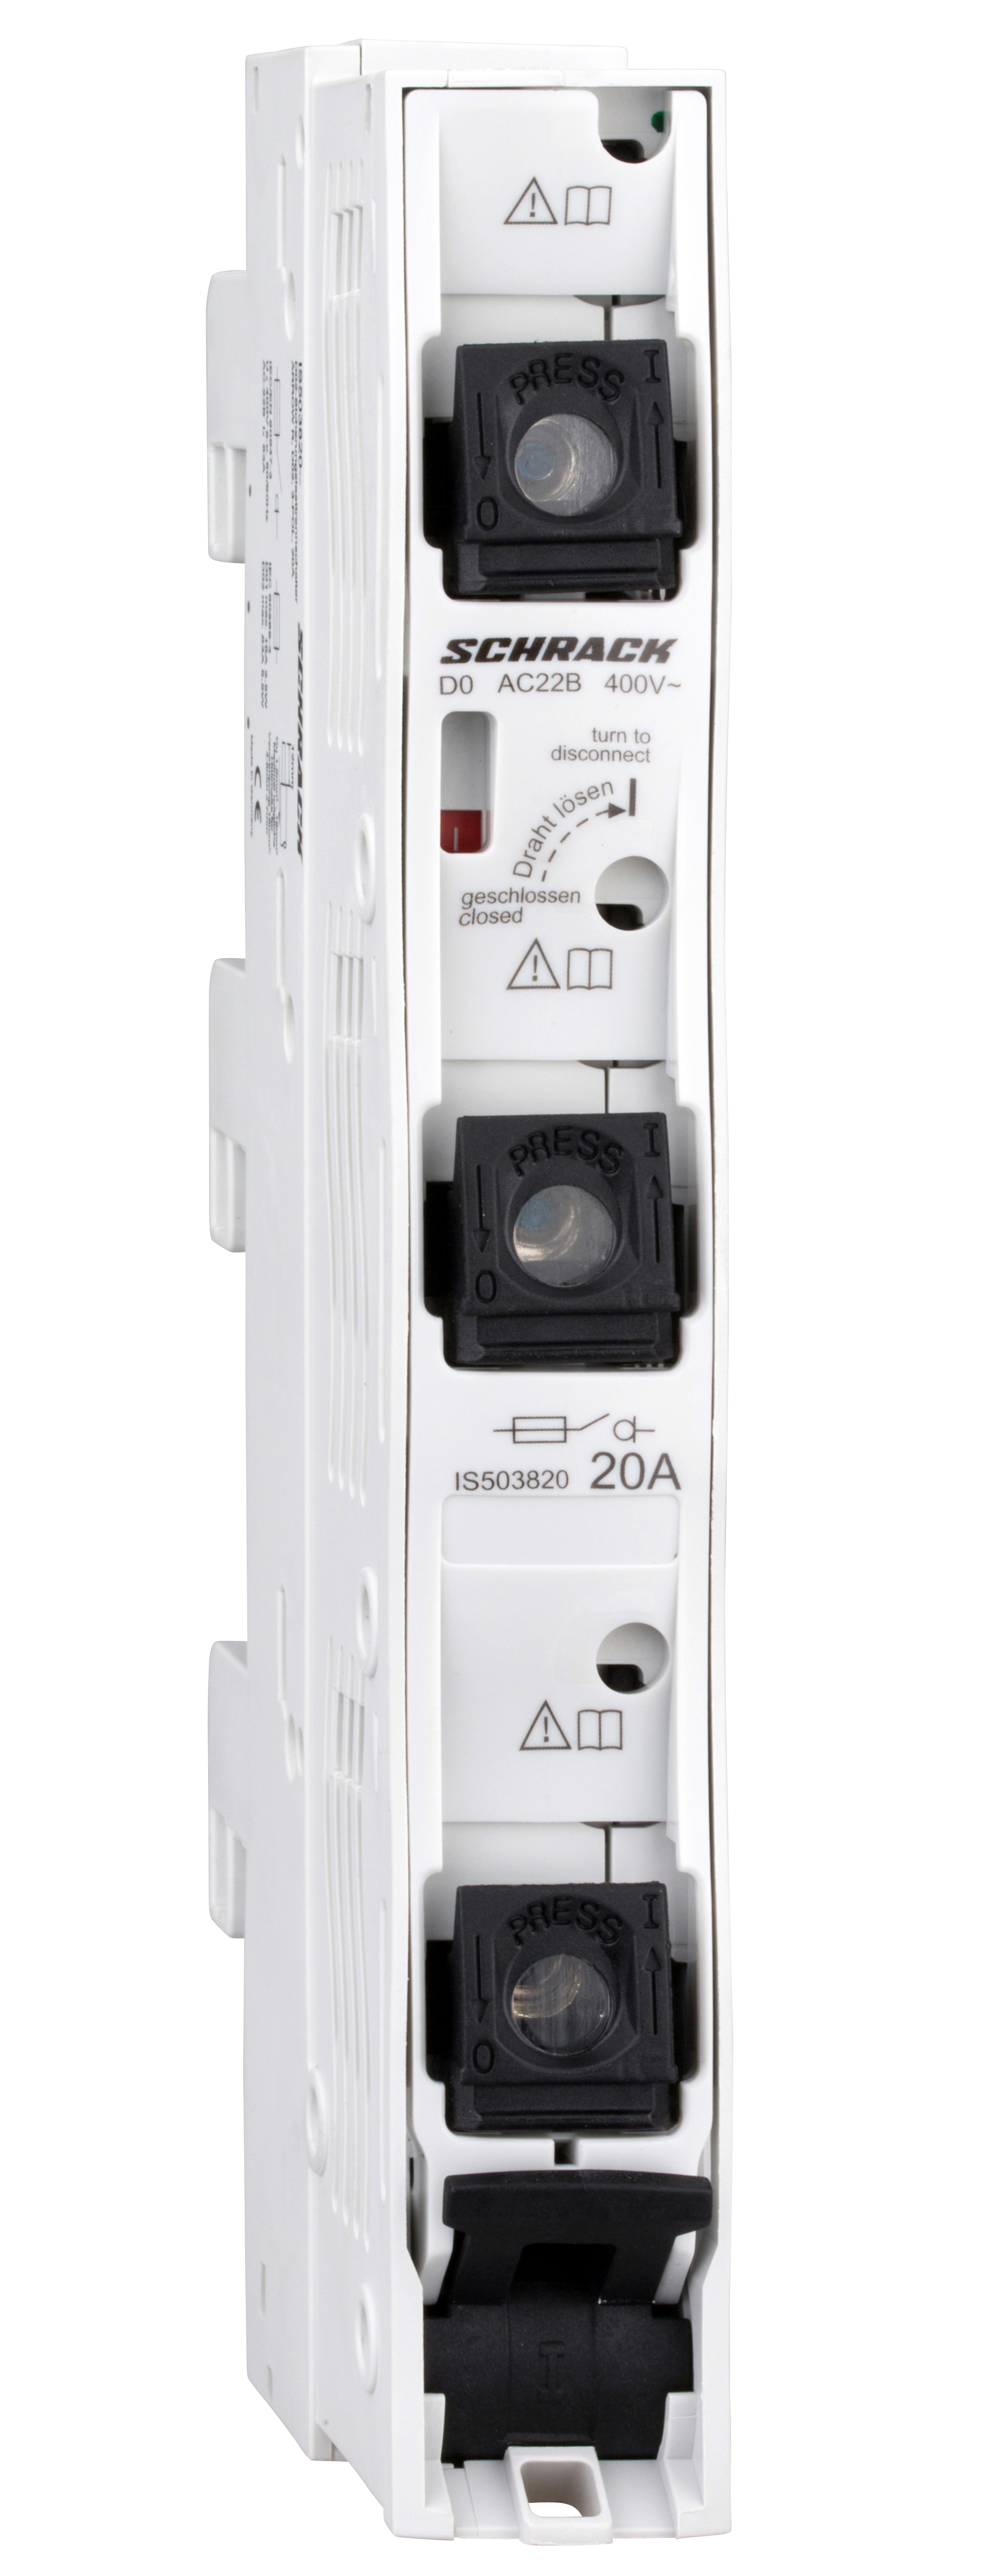 1 Stk D02-Sicherungslasttrennleiste ARROW R, 3-polig, 20A, kompl. IS503820--